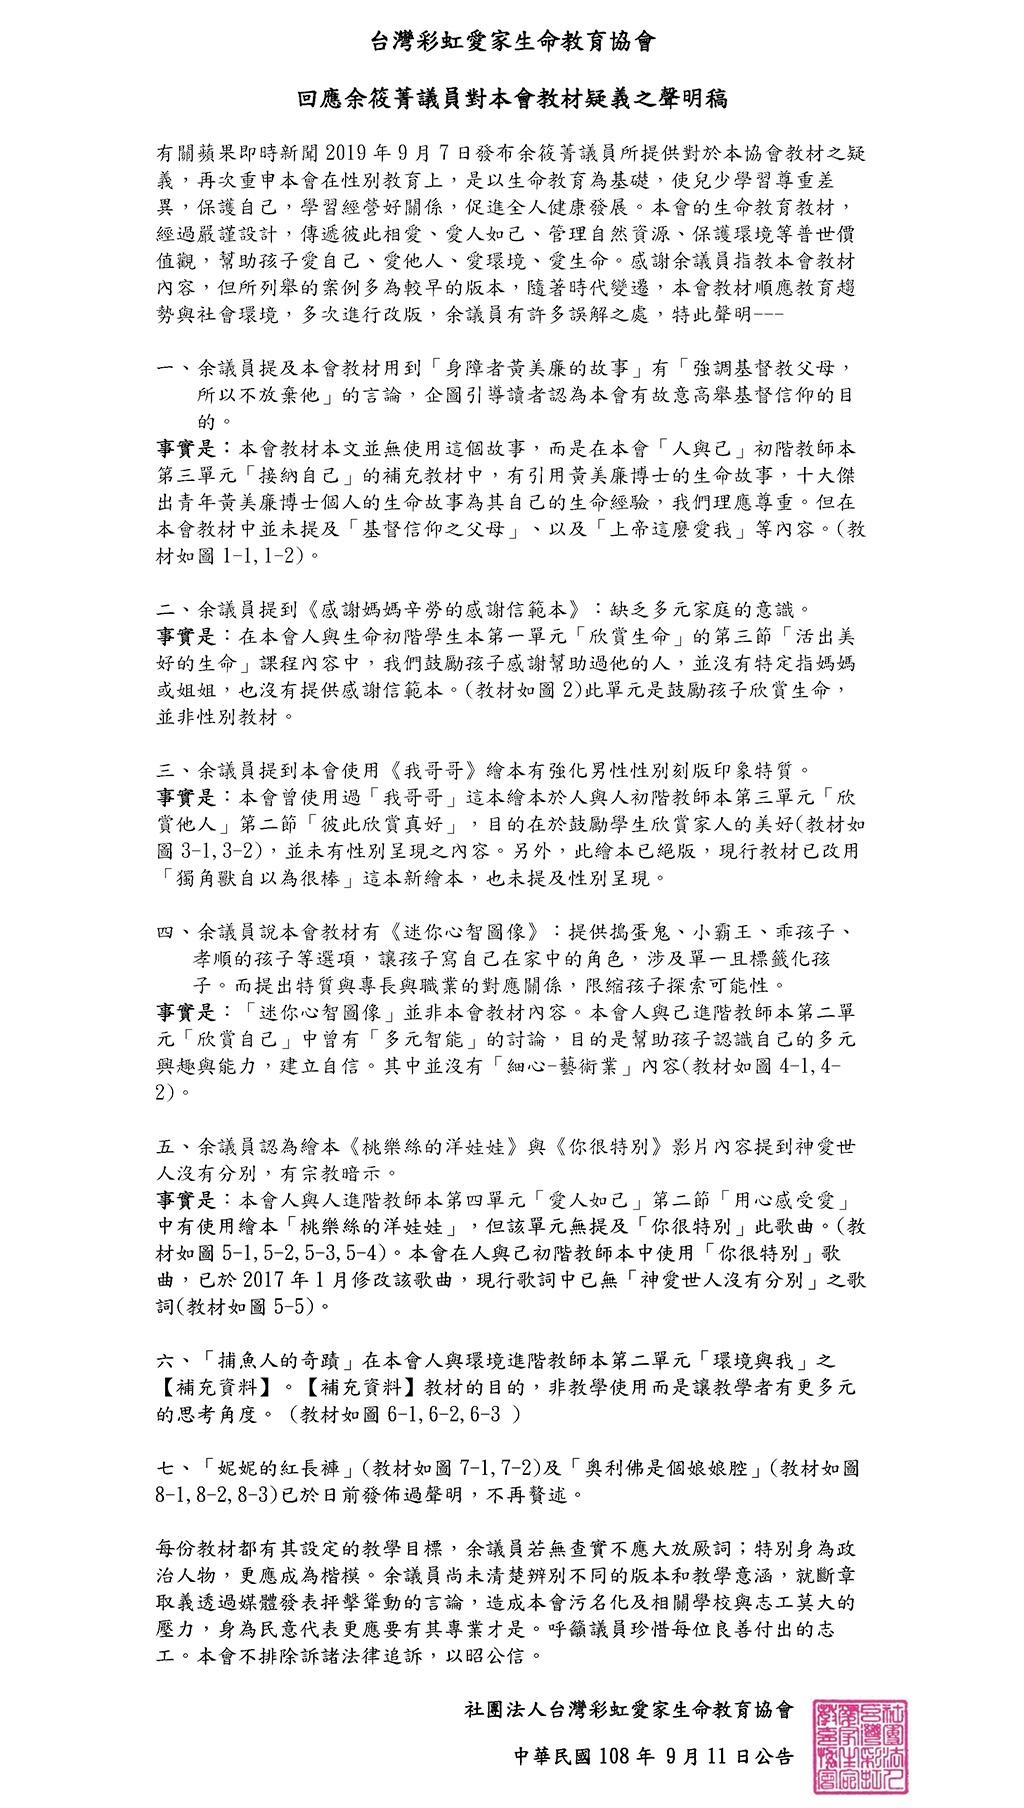 彩虹愛家聲明稿4-1